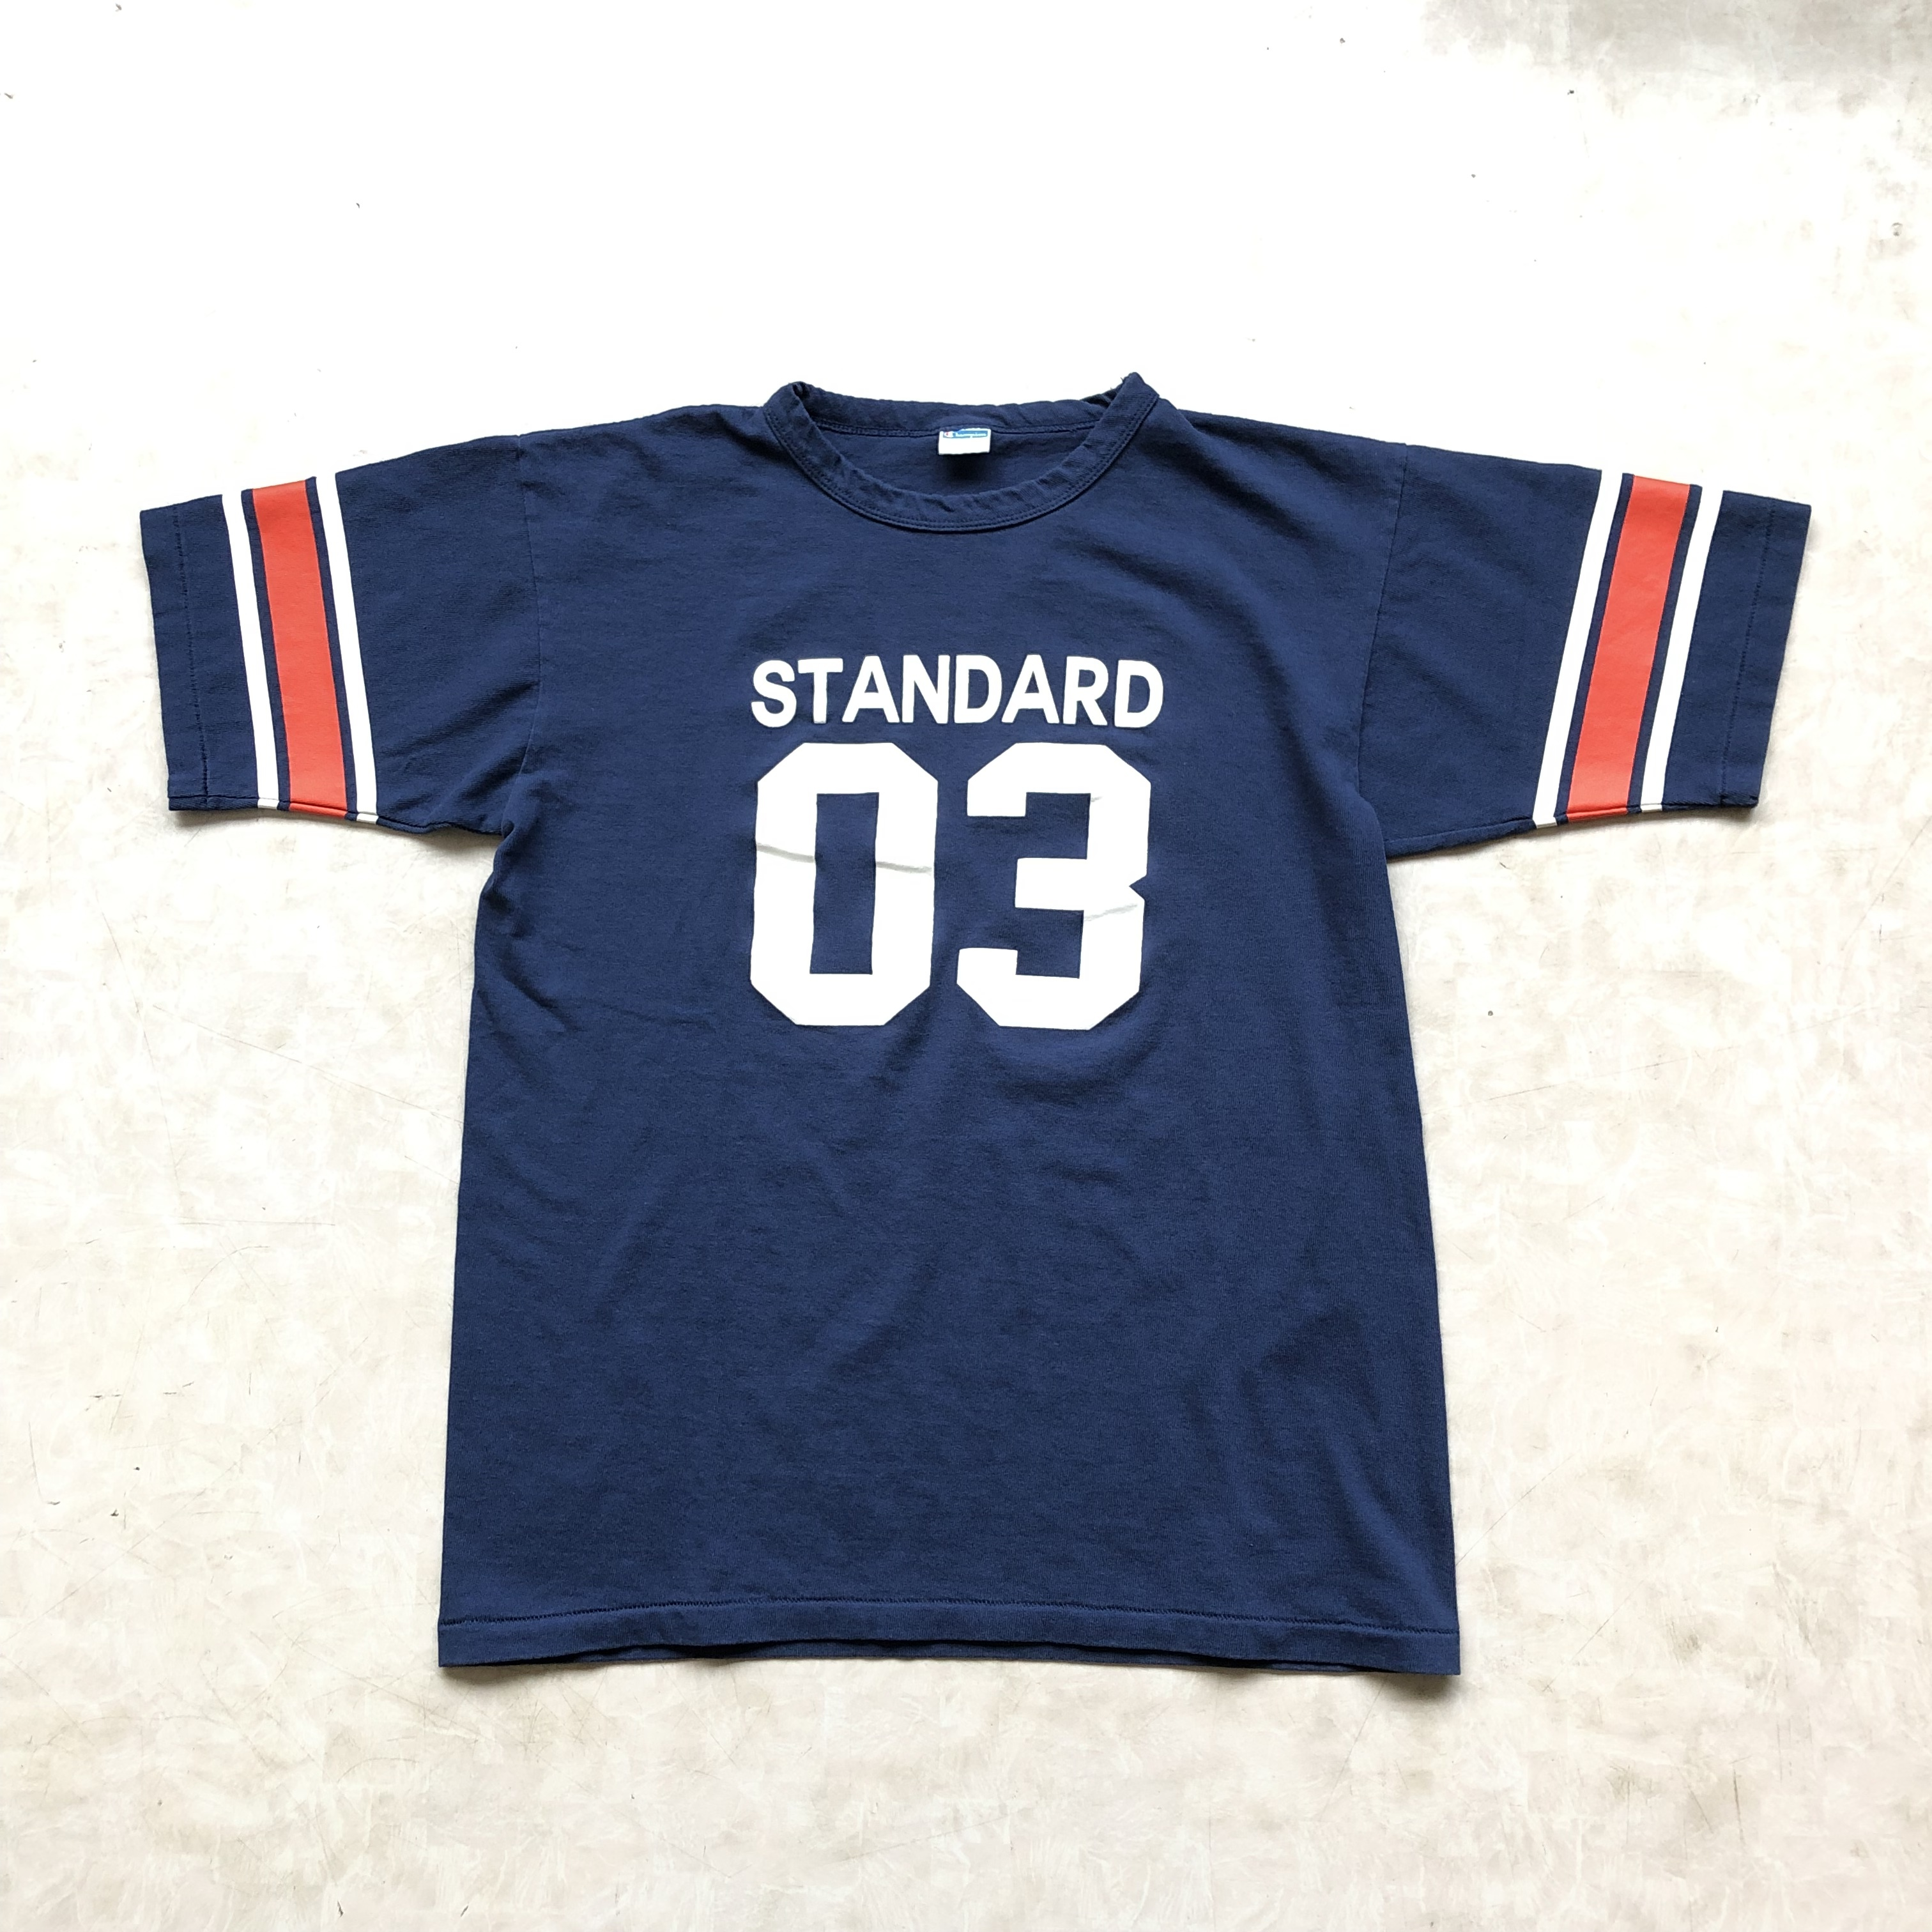 スタンダードカリフォルニア×チャンピオン別注 Champion × SD Win T ネイビー